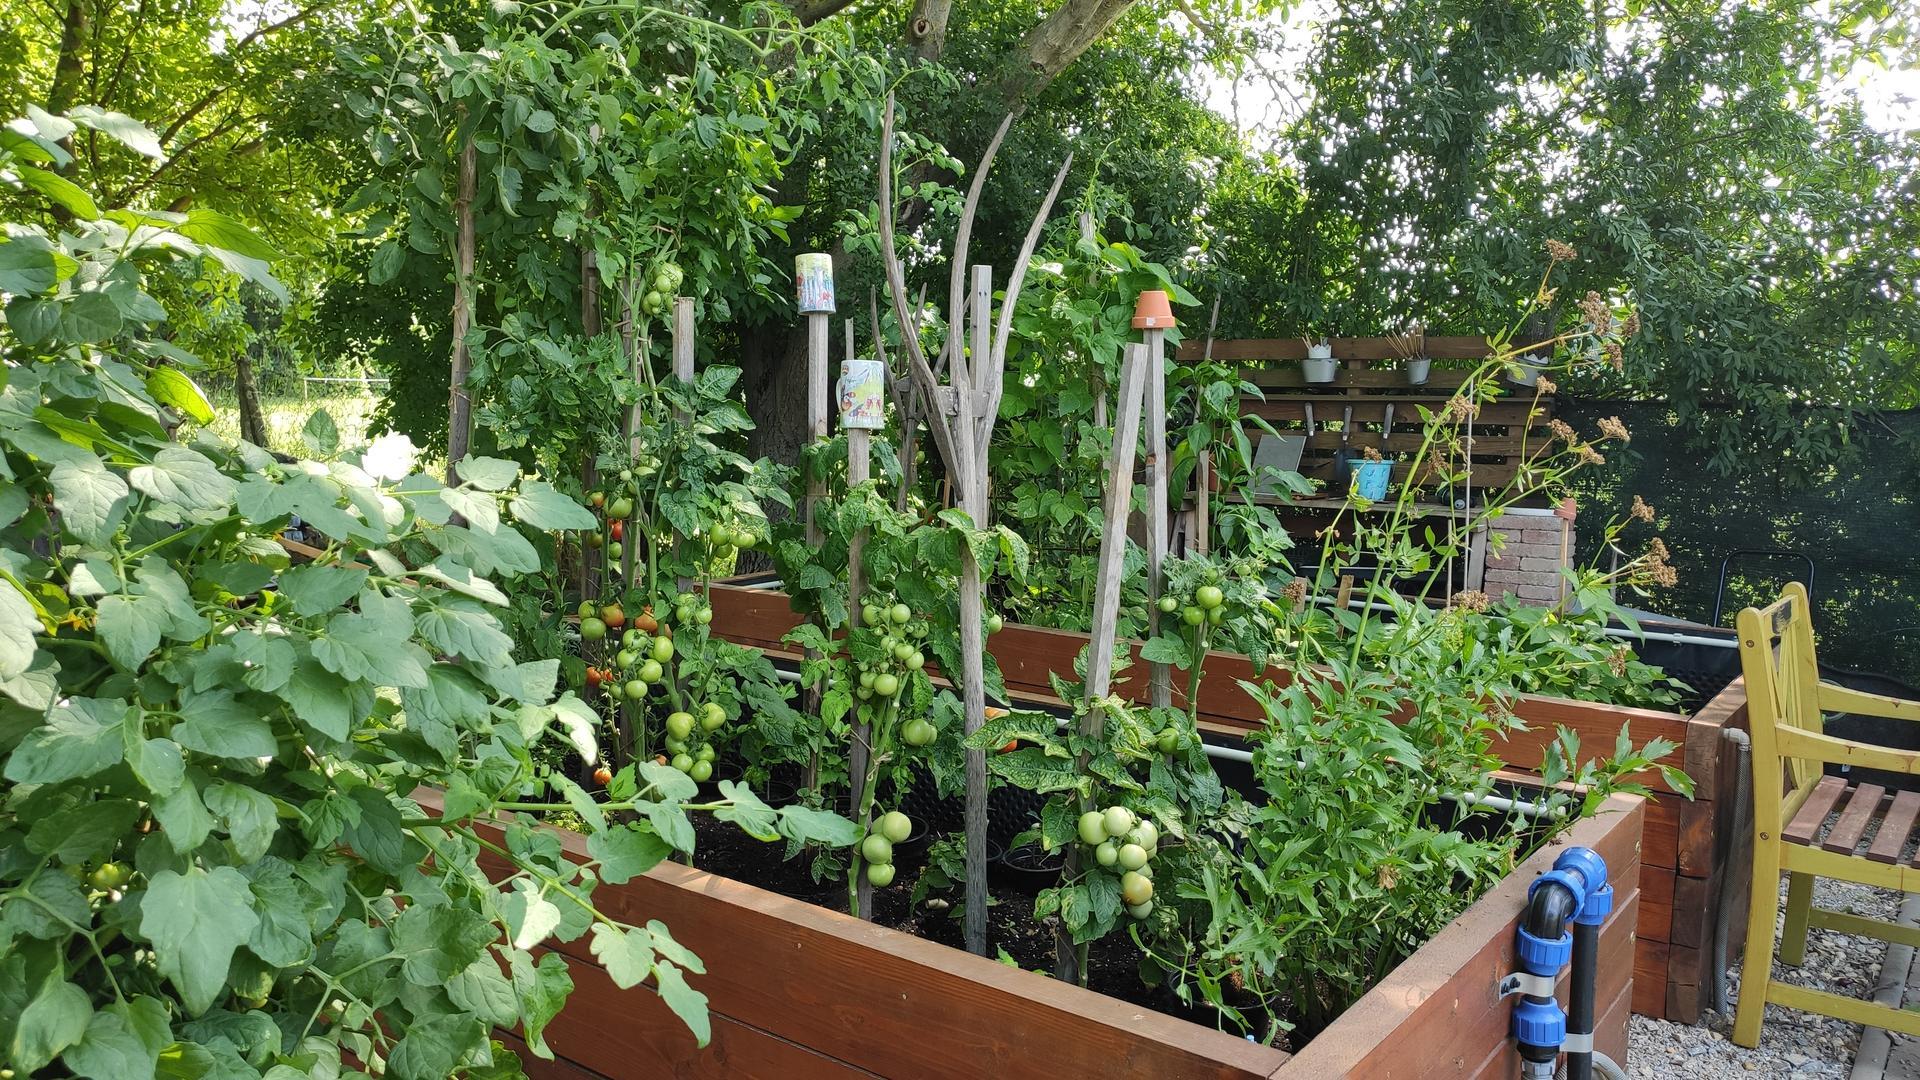 Vyvýšené záhony a úžitková záhrada - sezóna 2021 ... príprava, sadenie, starostlivosť - Obrázok č. 59